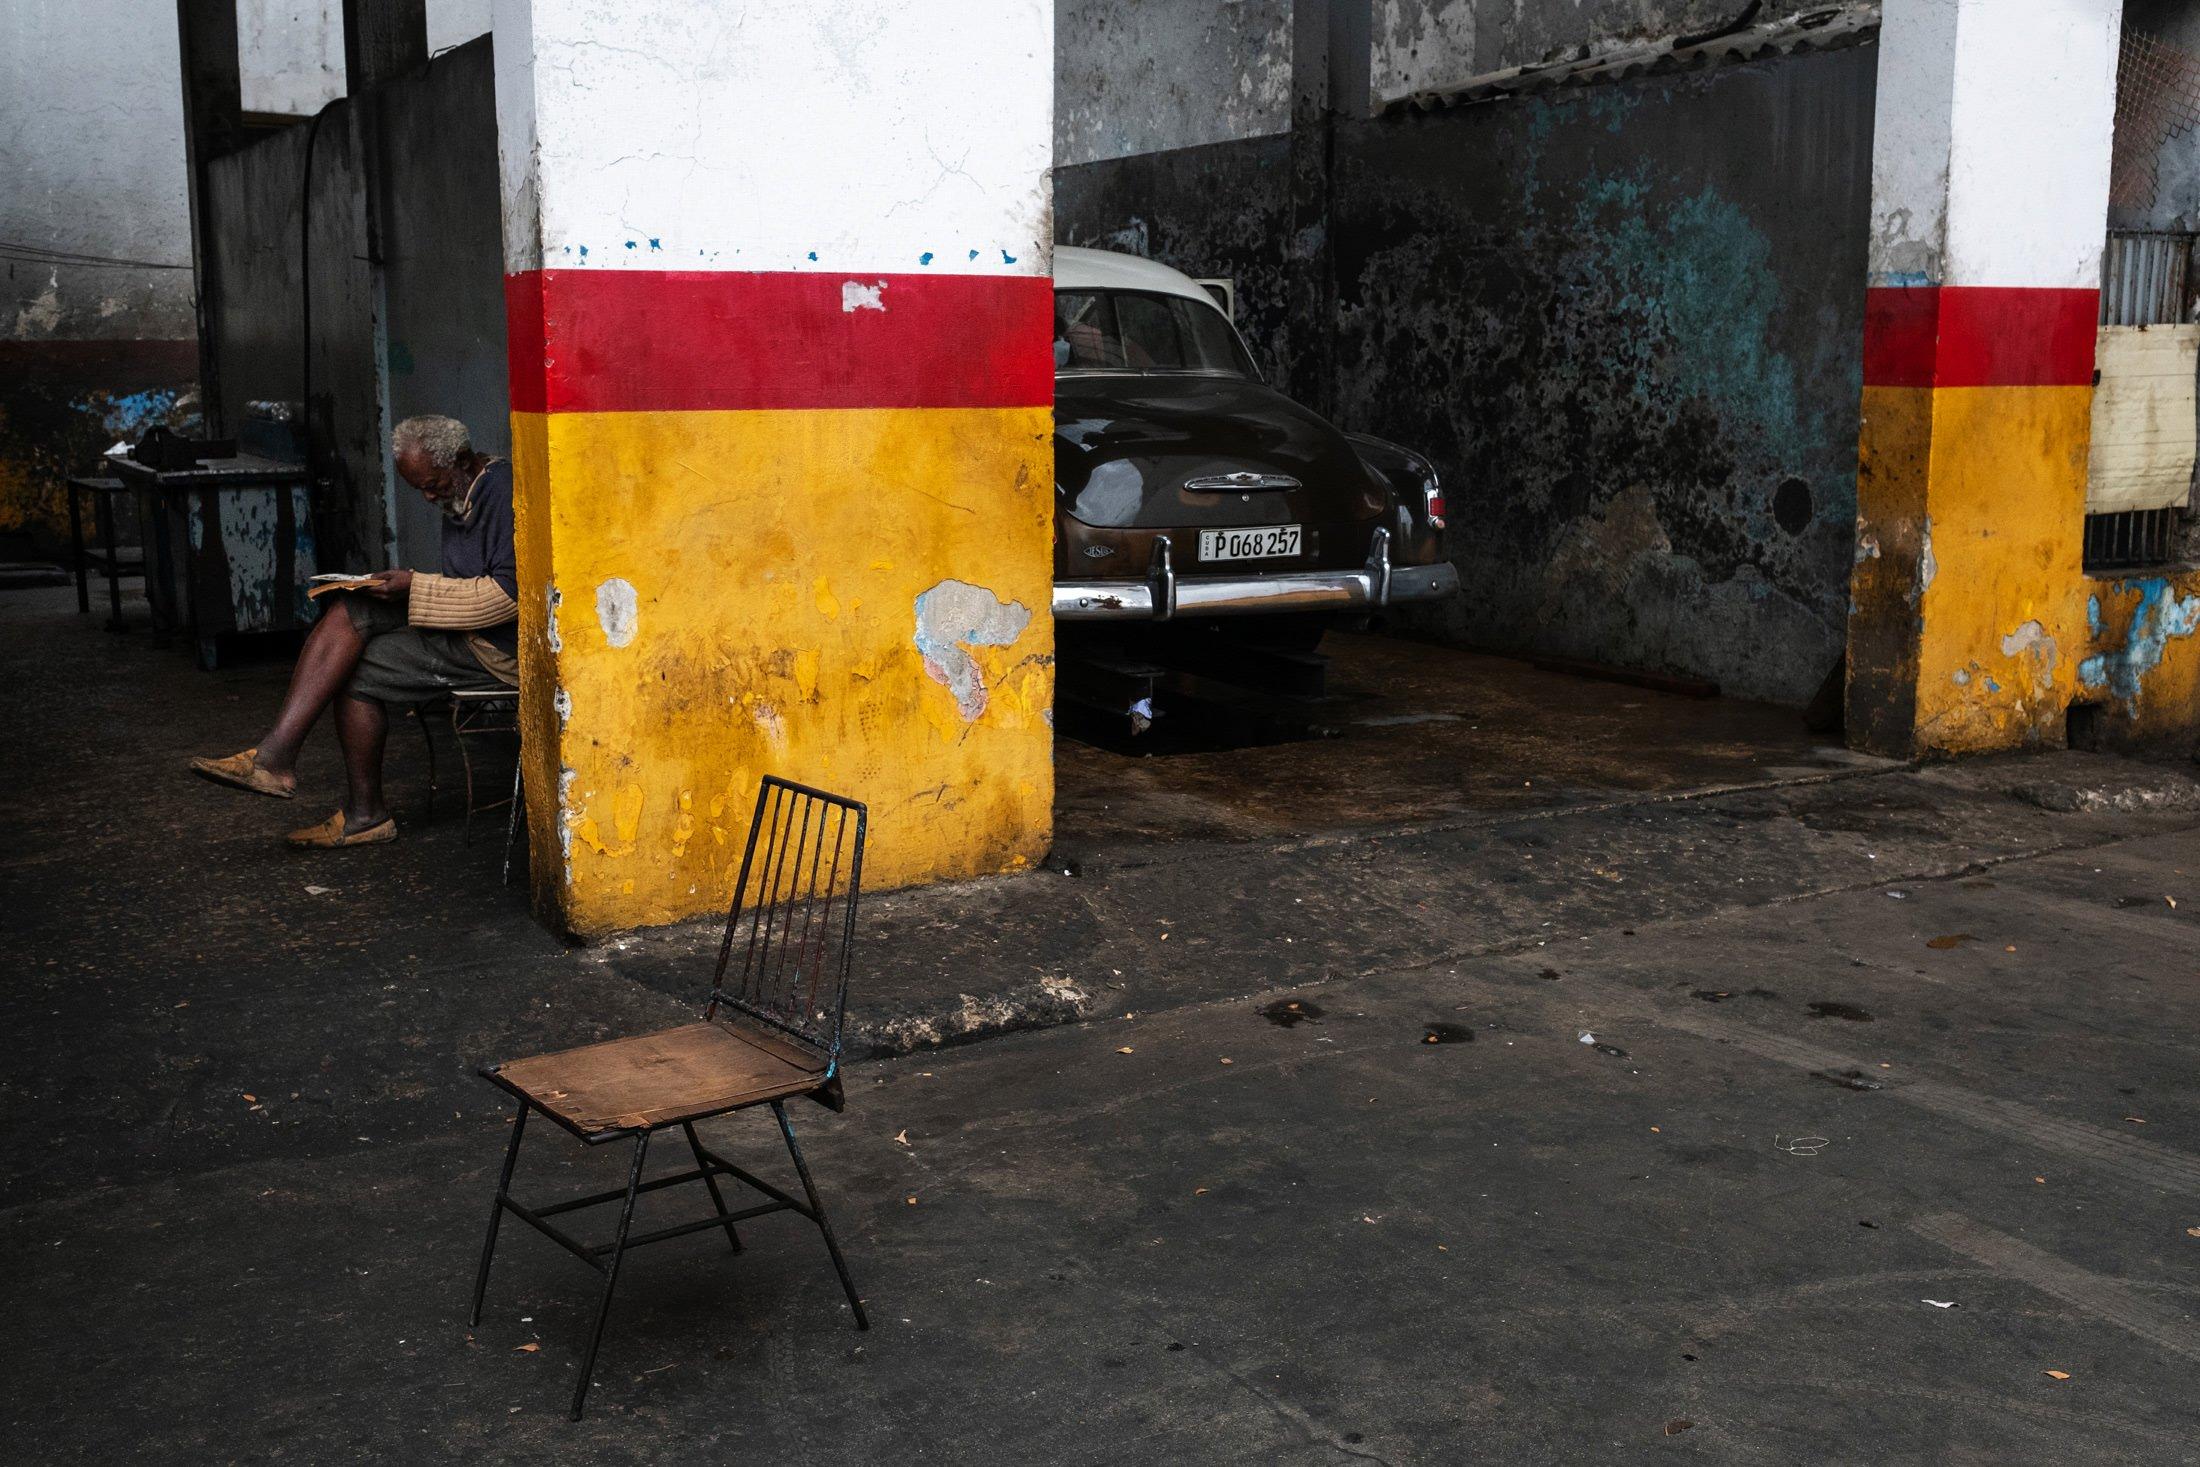 car garage with a man sitting down